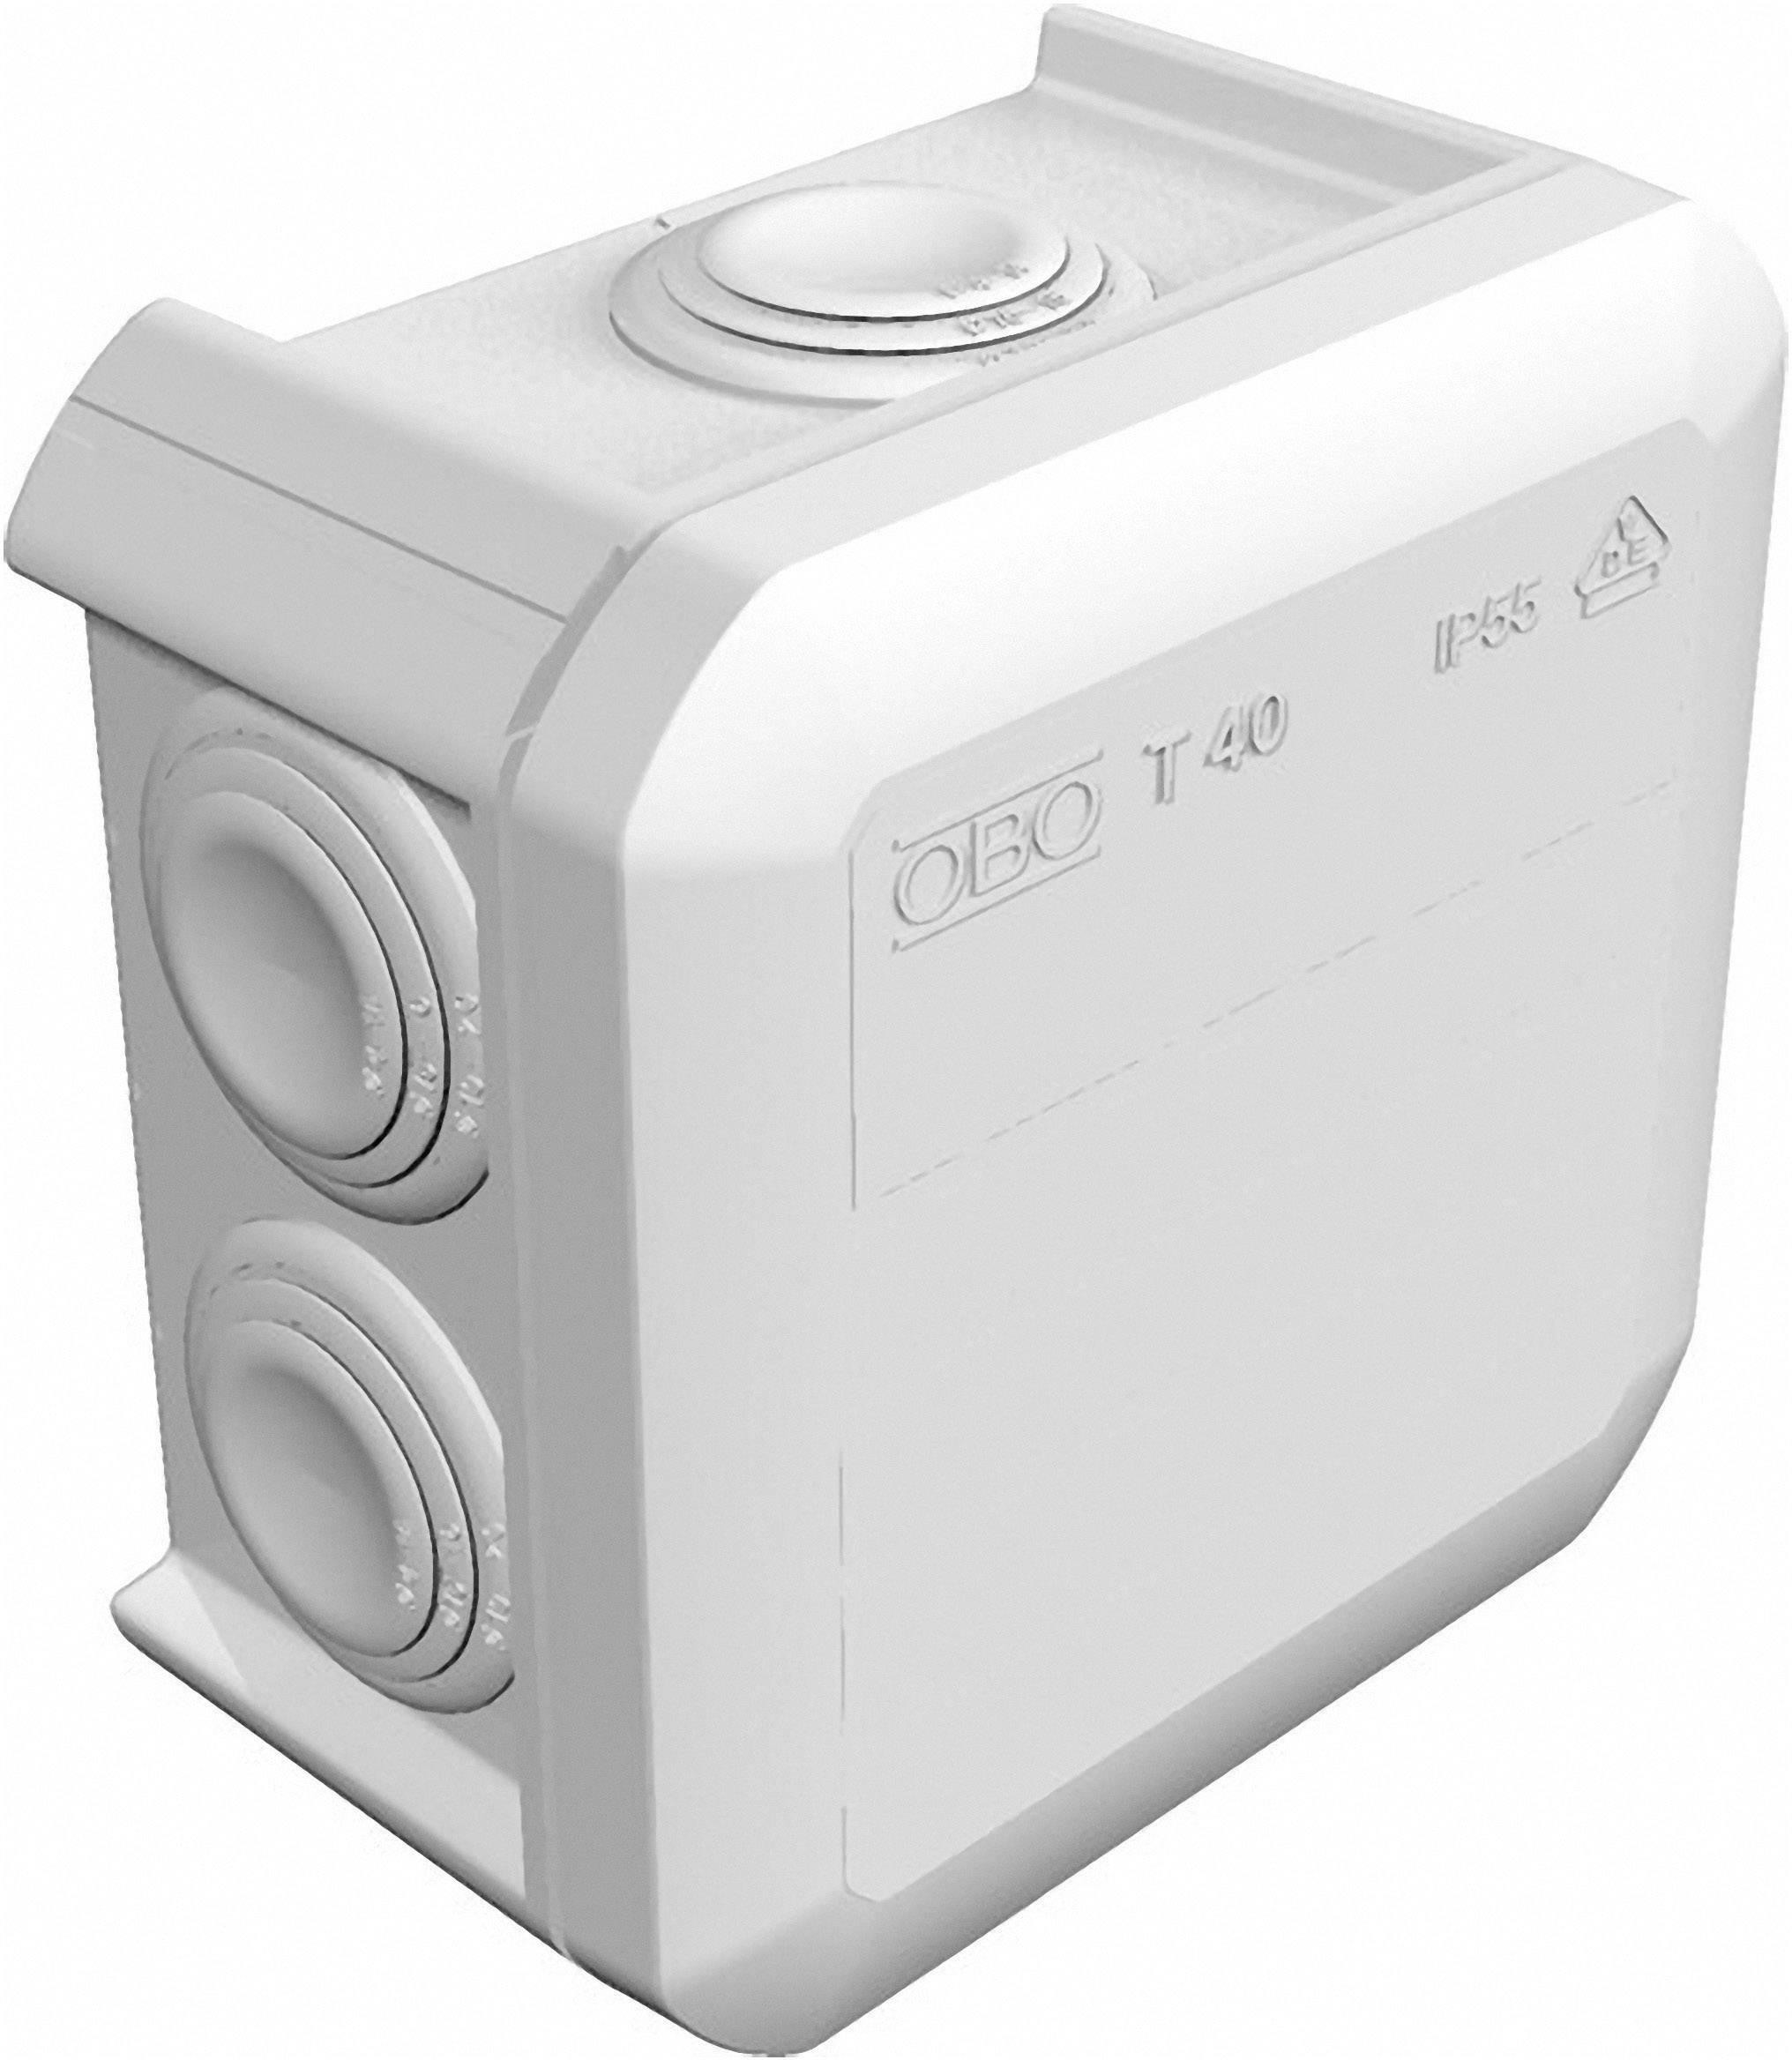 Rozbočovací krabice, OBO Bettermann 2007432, světle šedá